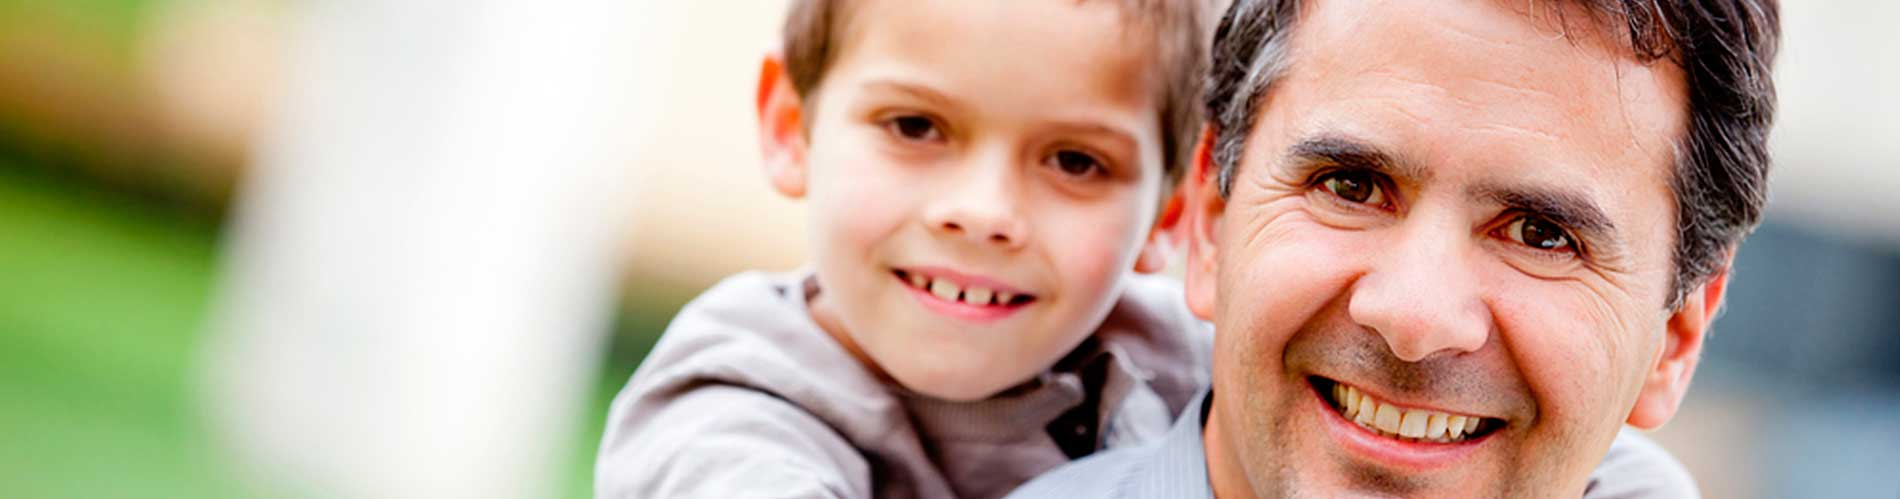 Preguntas más frecuentes en oftalmología infantil